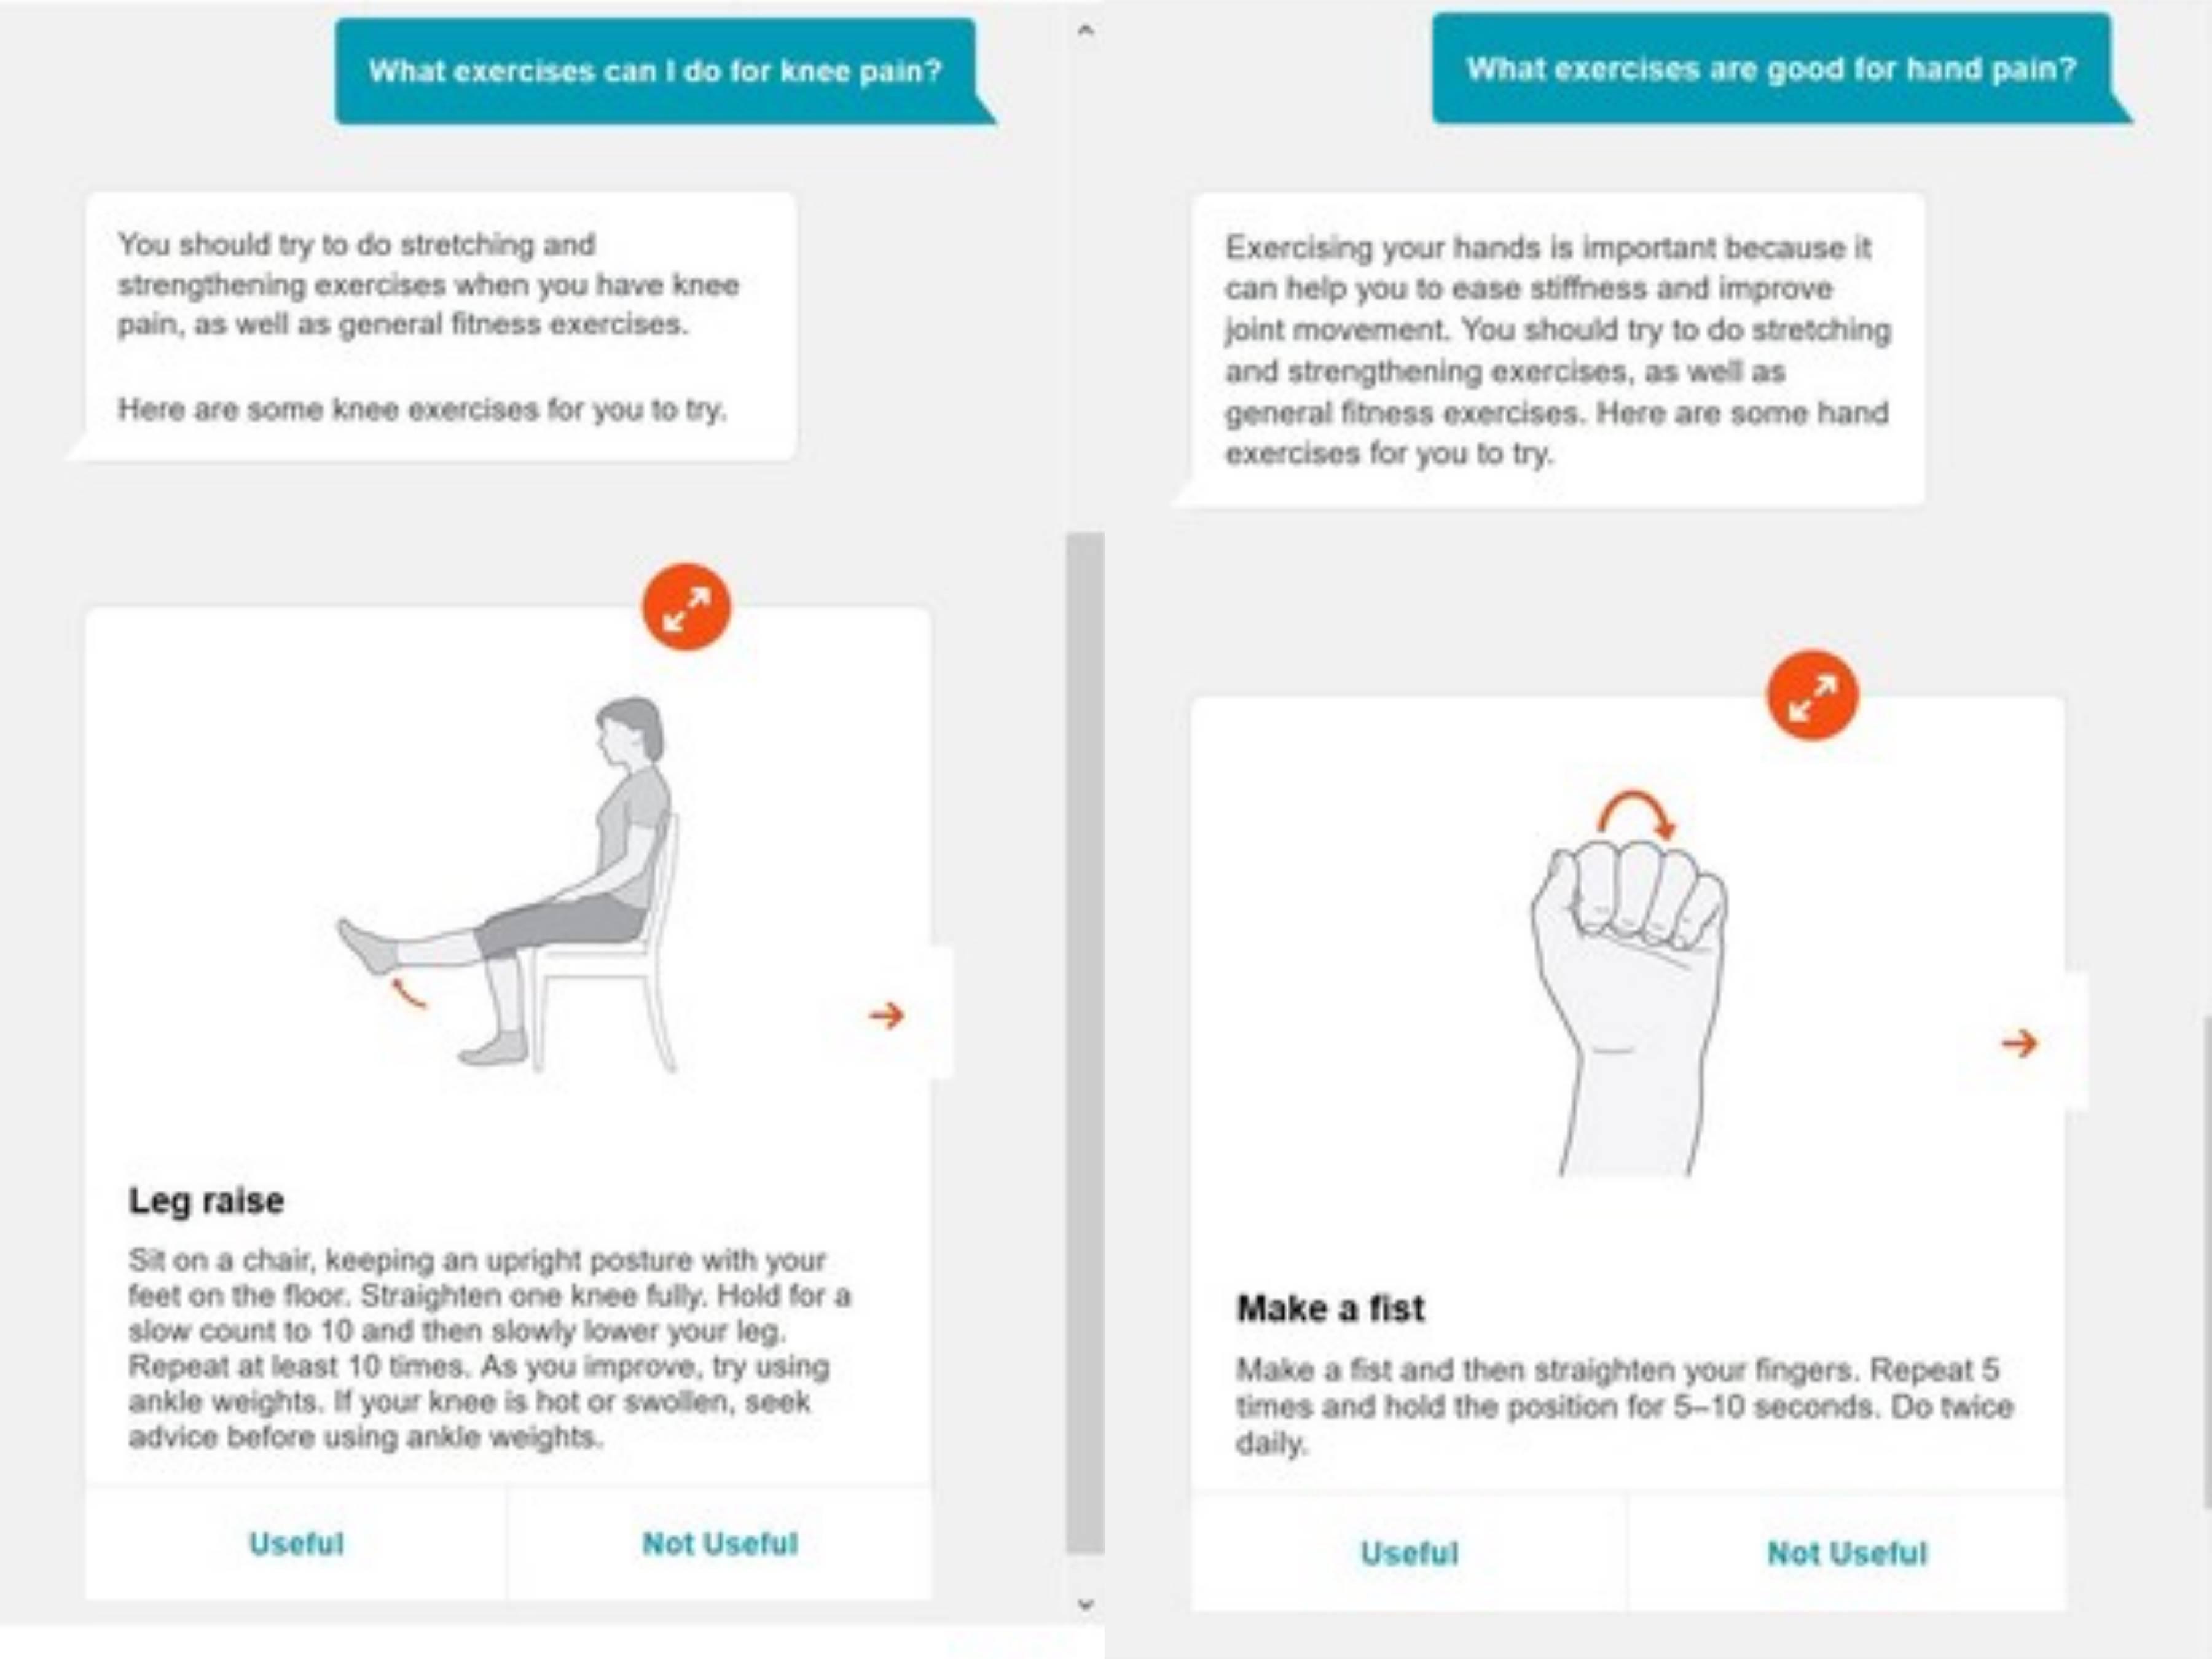 聊天机器人为膝盖疼痛和手部关节疼痛提供解决方案